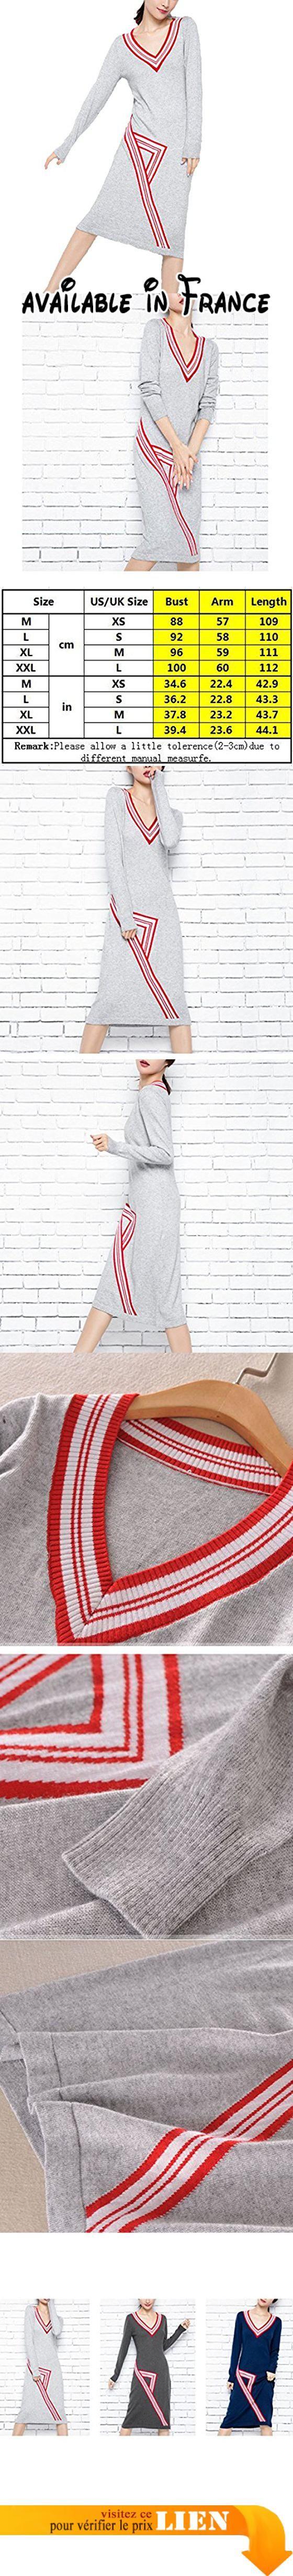 Women's Sexy Slim Stretch Warm V Neck Manches Longues Manches En Mousseline De Soie Robe Multicolore,LightGray-XXL. Matériel de haute qualité, doux, confortable, lâche. Il est assez chaud pour résister au froid. Robe élégante et tricotée à la mode, montre vos Curseurs de charme, vous permet de devenir le foyer de la foule. Facile à combiner avec différents styles de vêtements.. Occasion: Convient pour le travail, les courses, le club, les vacances ou l'usage quotidien.